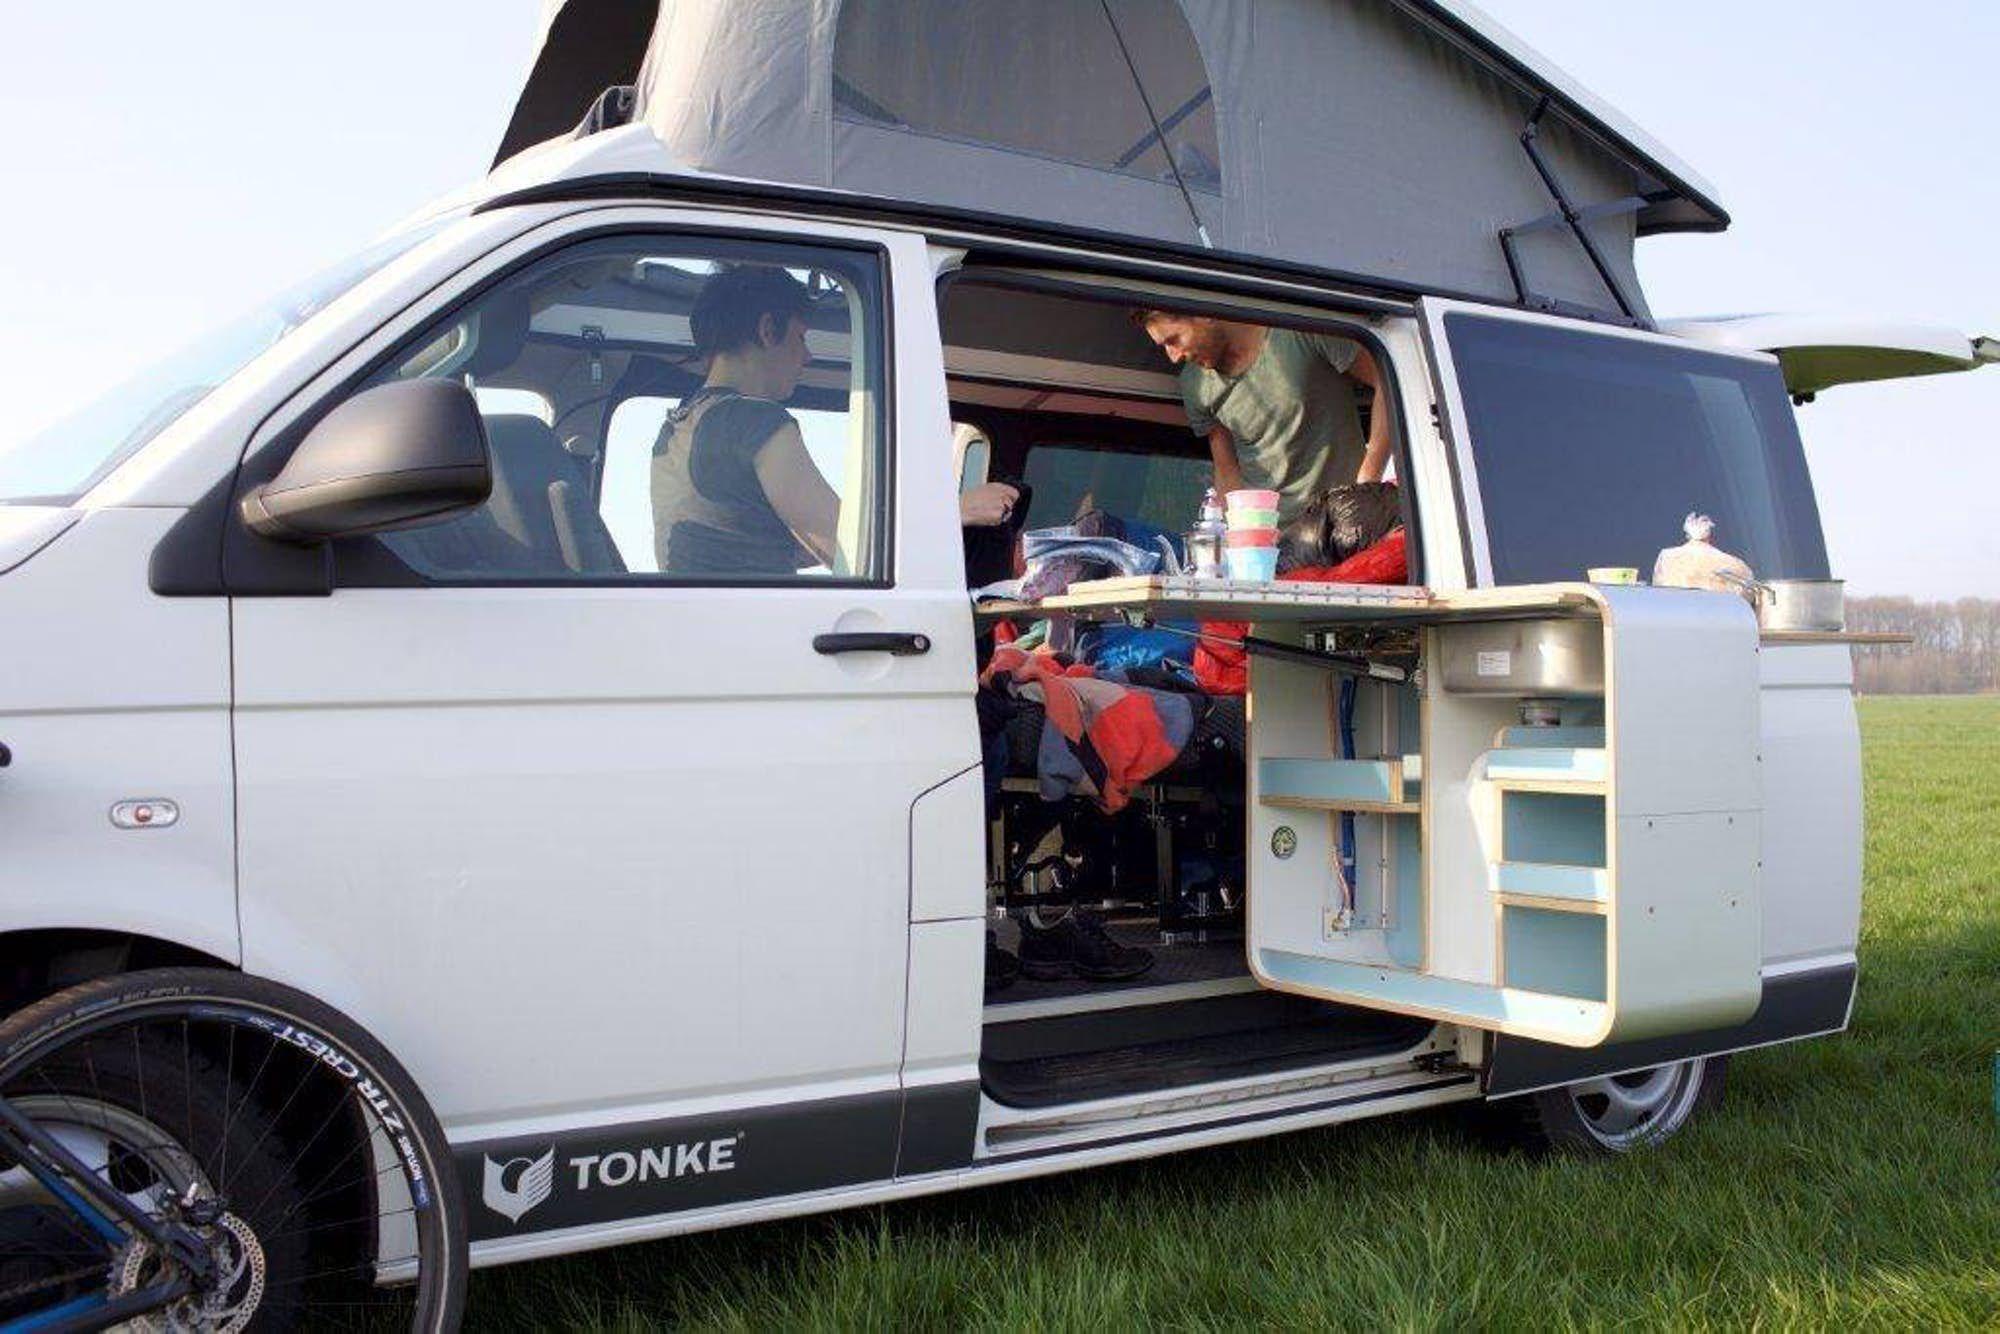 Tonke Turns The New Vw T6 Into Versatile Camper Van Camper Van